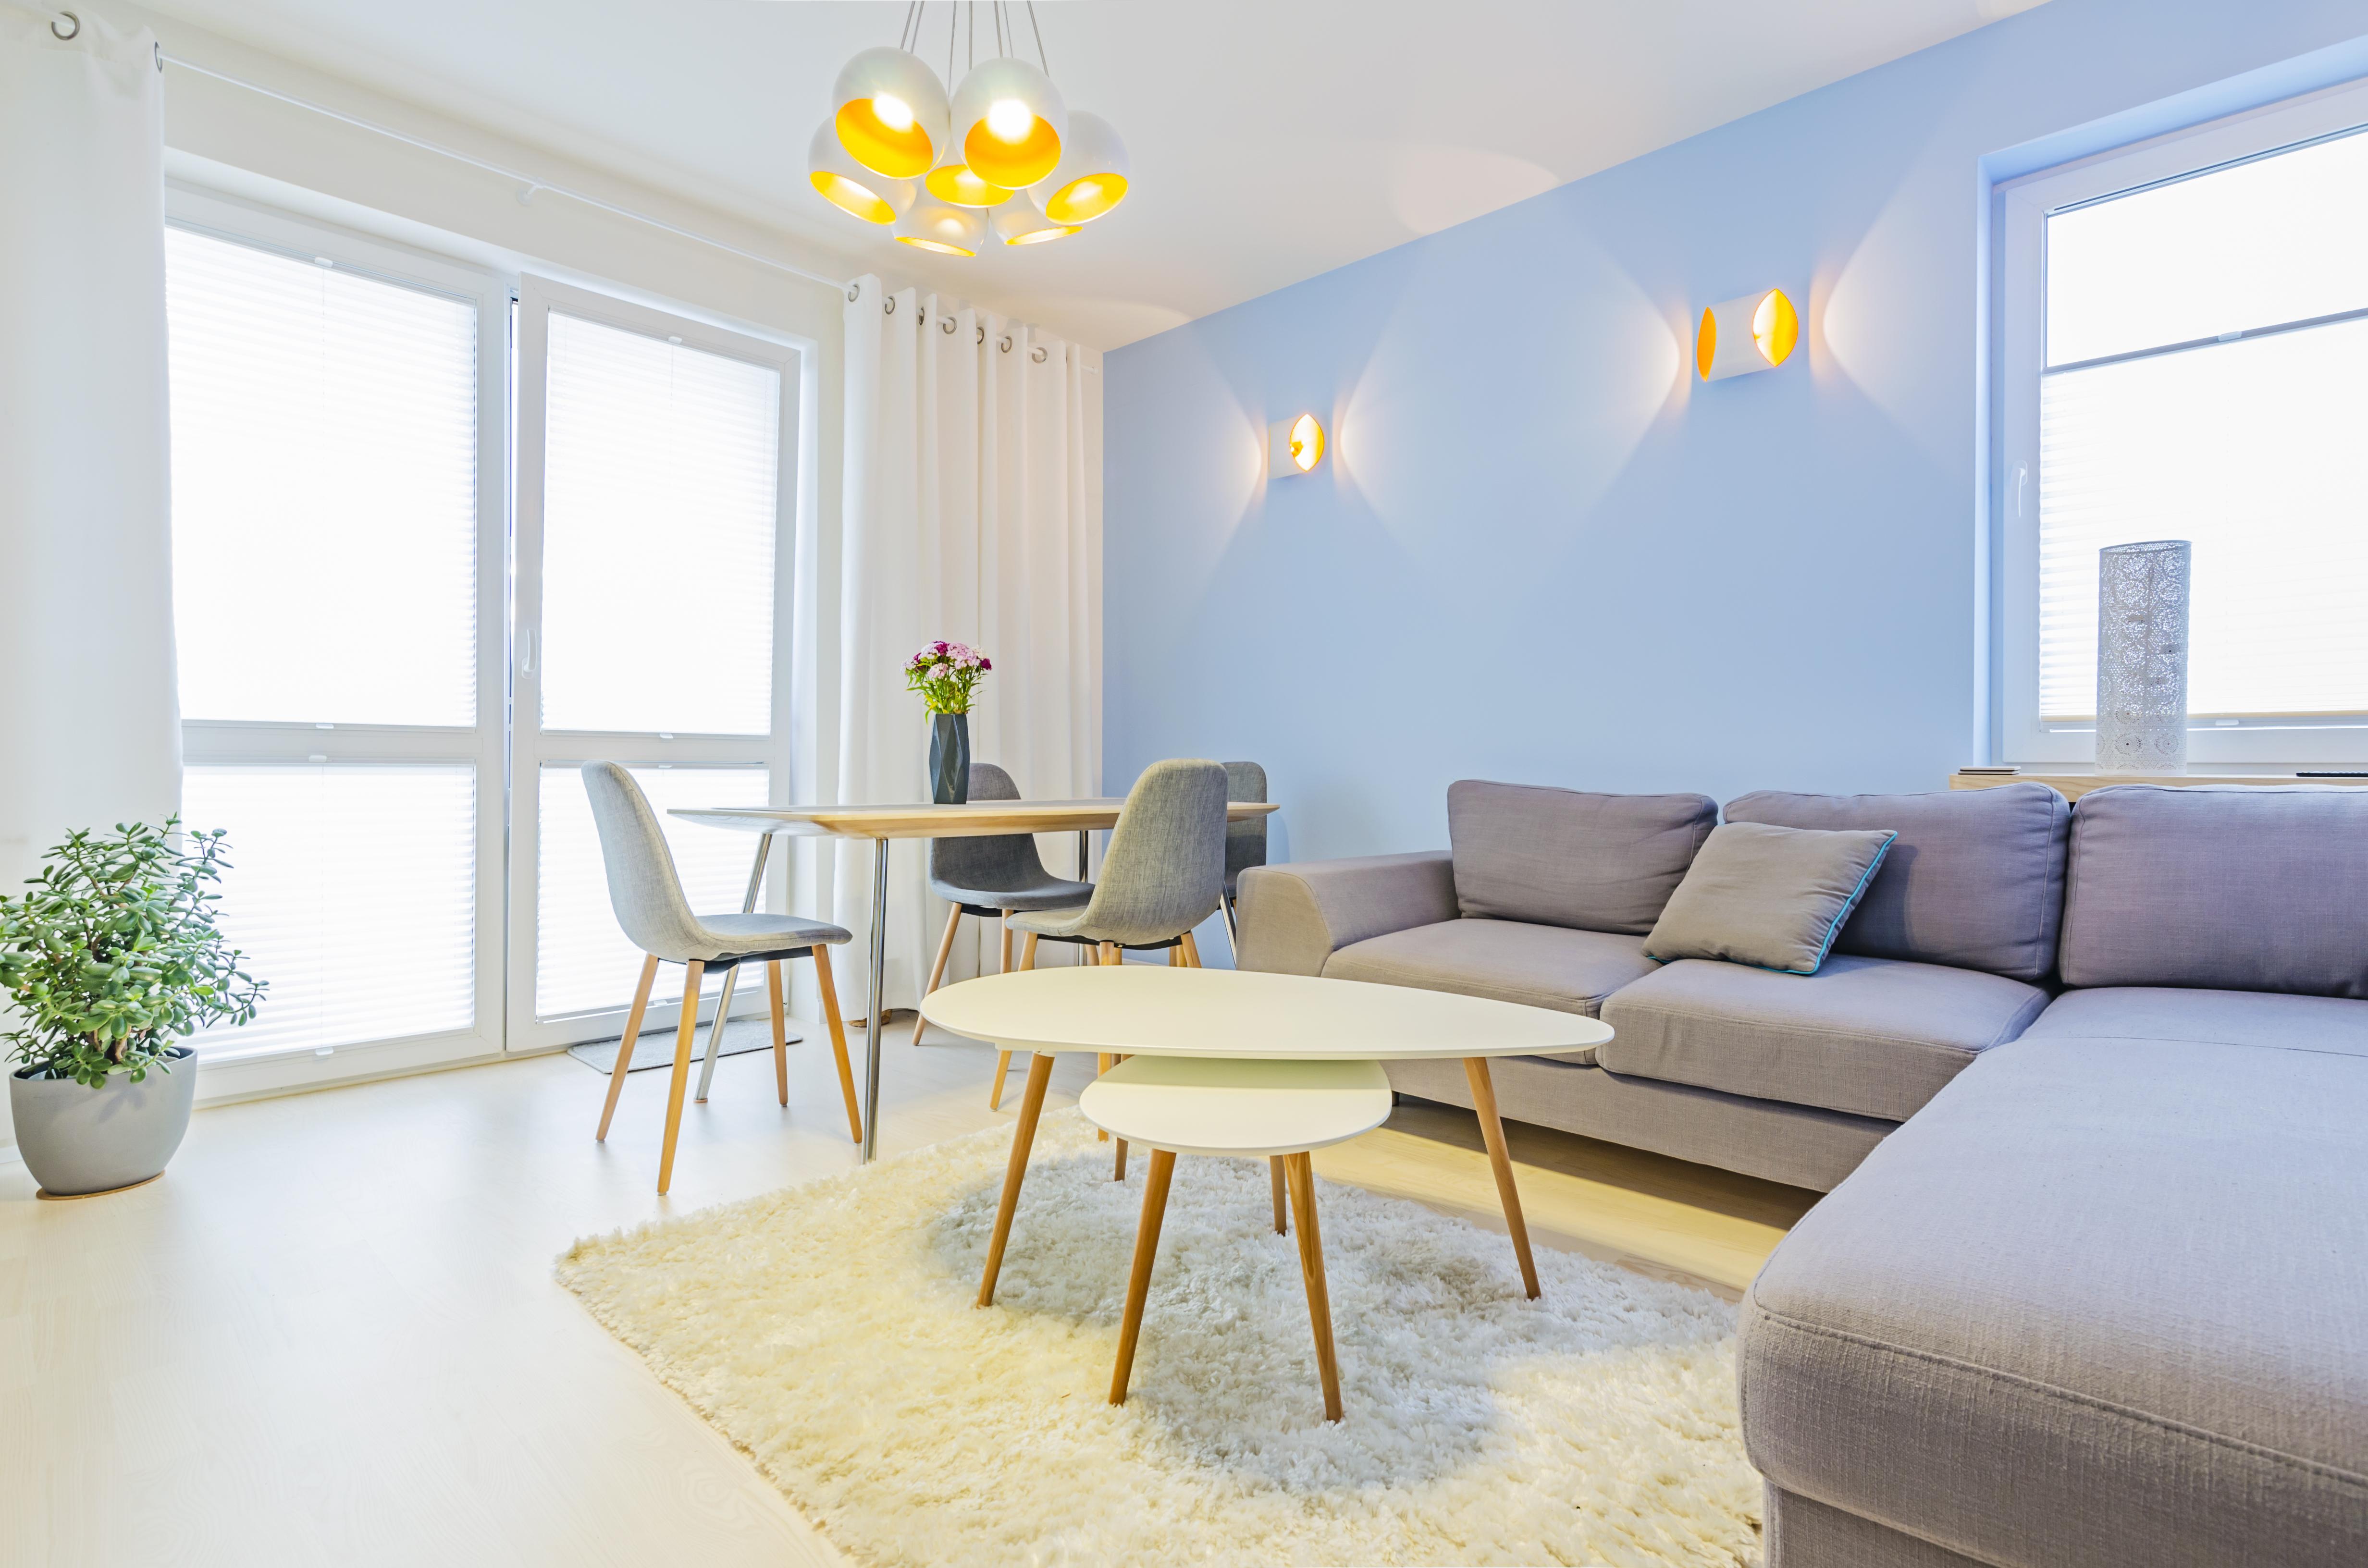 lampy, złoto i srebro, portfolio, laurowa, mieszkanie, projektowanie wnętrz, łazienka